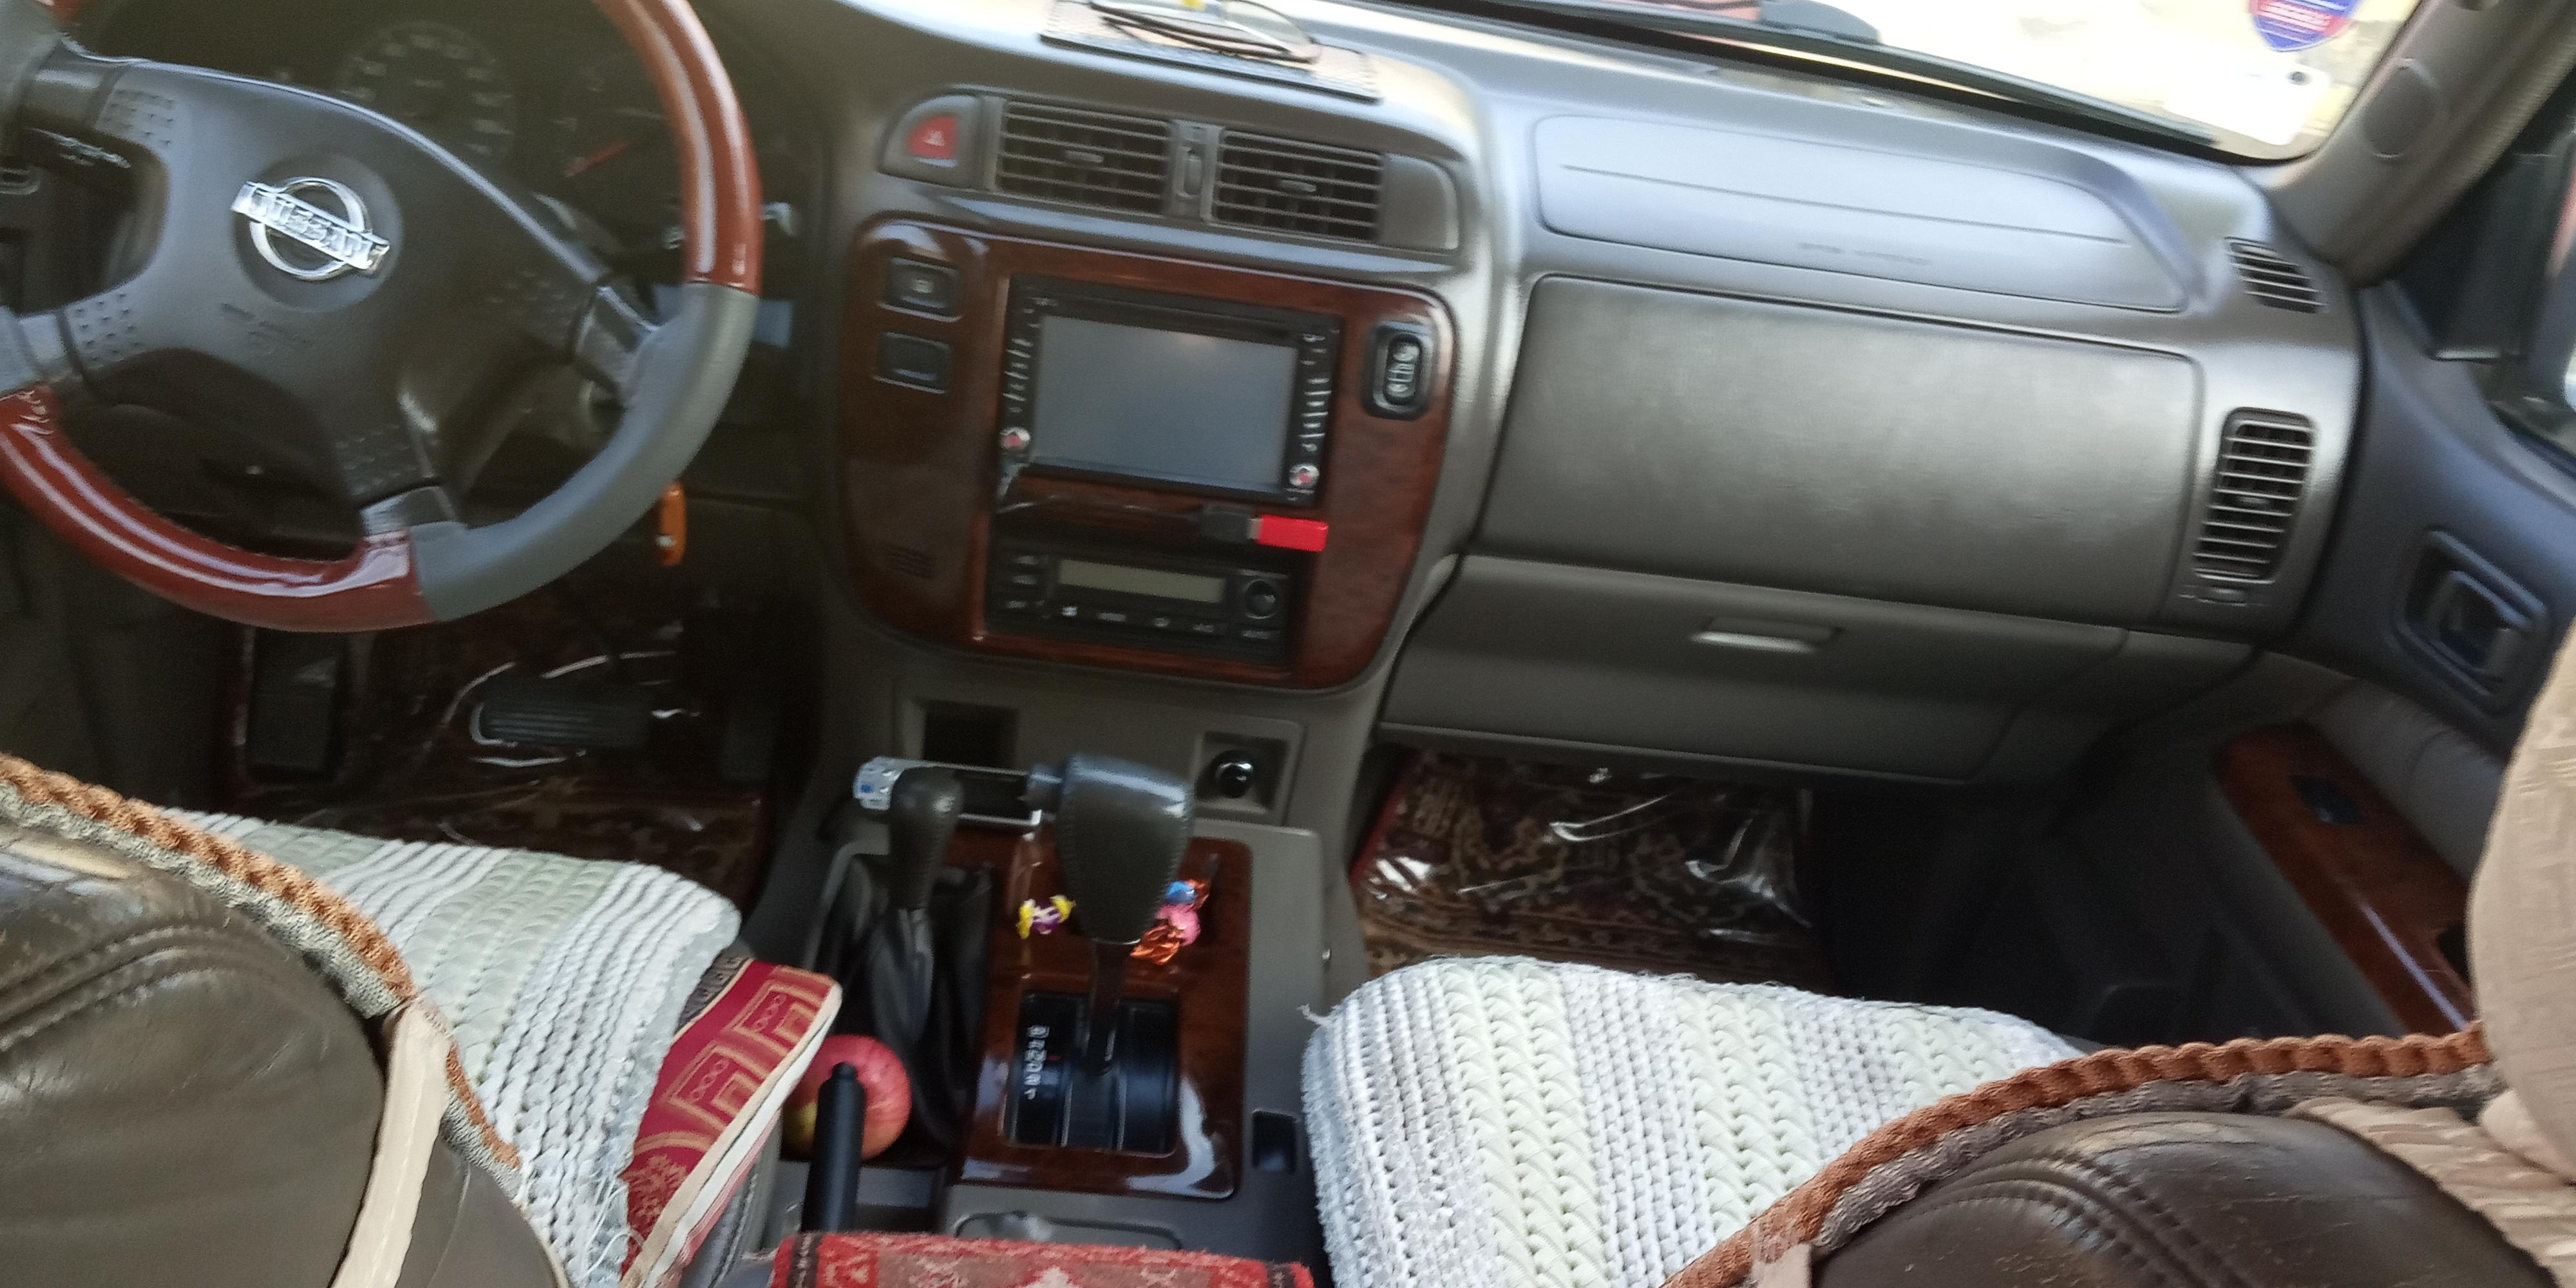 Nissan Patrol 4.5(lt) 1998 İkinci əl  $10000